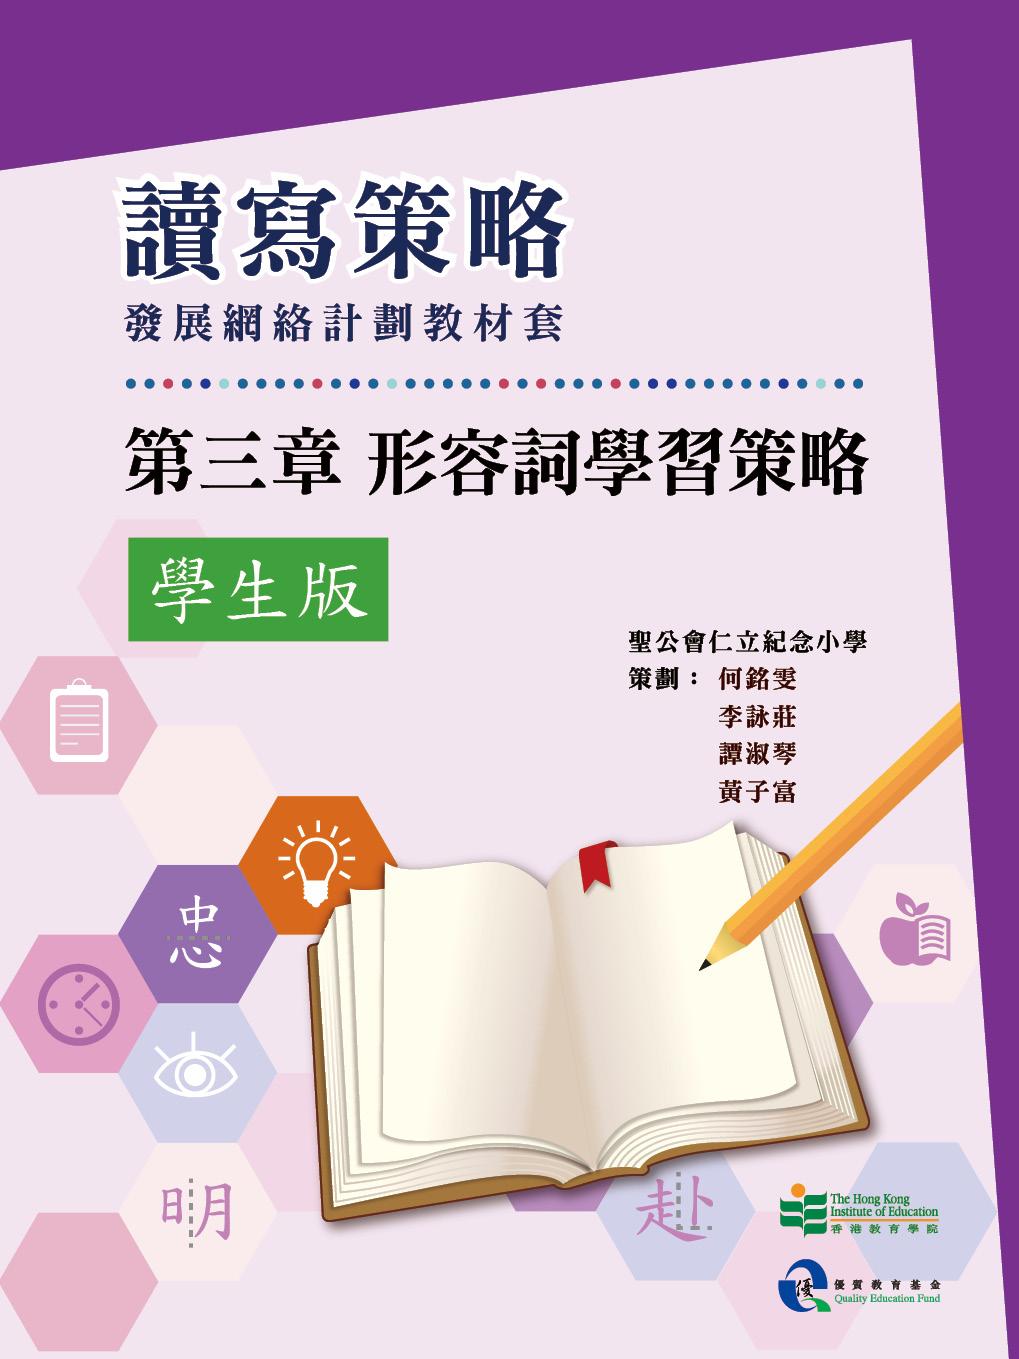 讀寫策略發展網絡計劃教材套 第三章 形容詞學習策略(學生版)